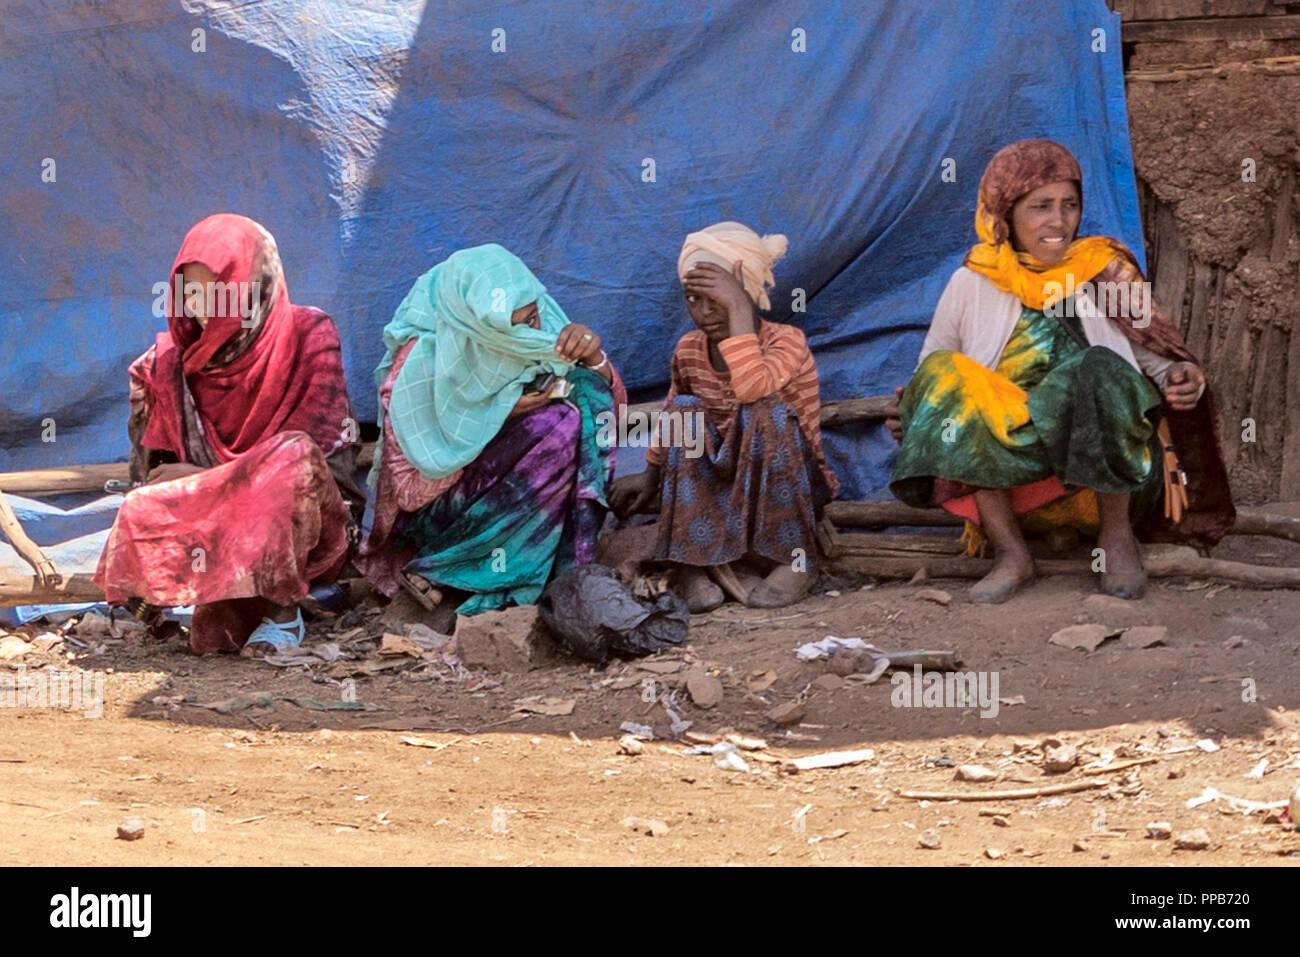 Dolo mercado Mena, en la región de Oromia, en Etiopía. Varias respuestas a una cámara Imagen De Stock